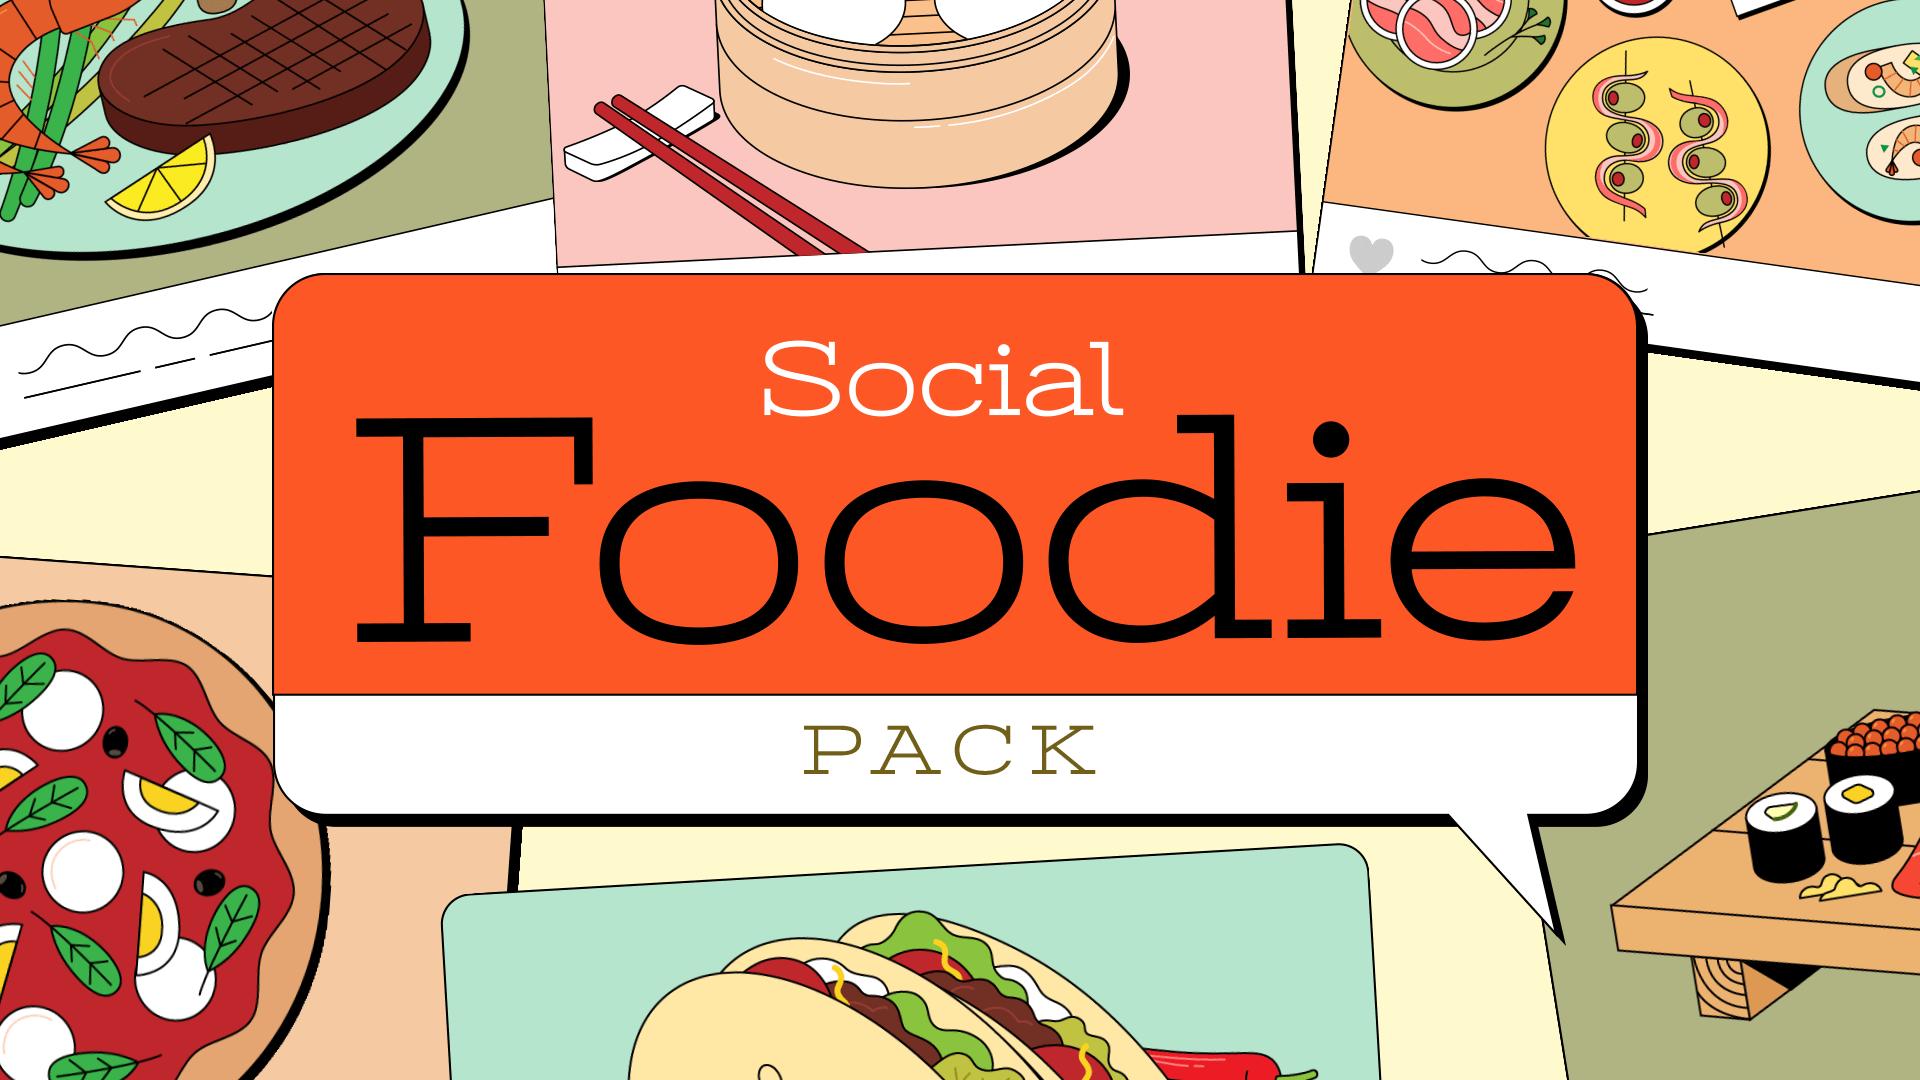 Socail Foodie Pack